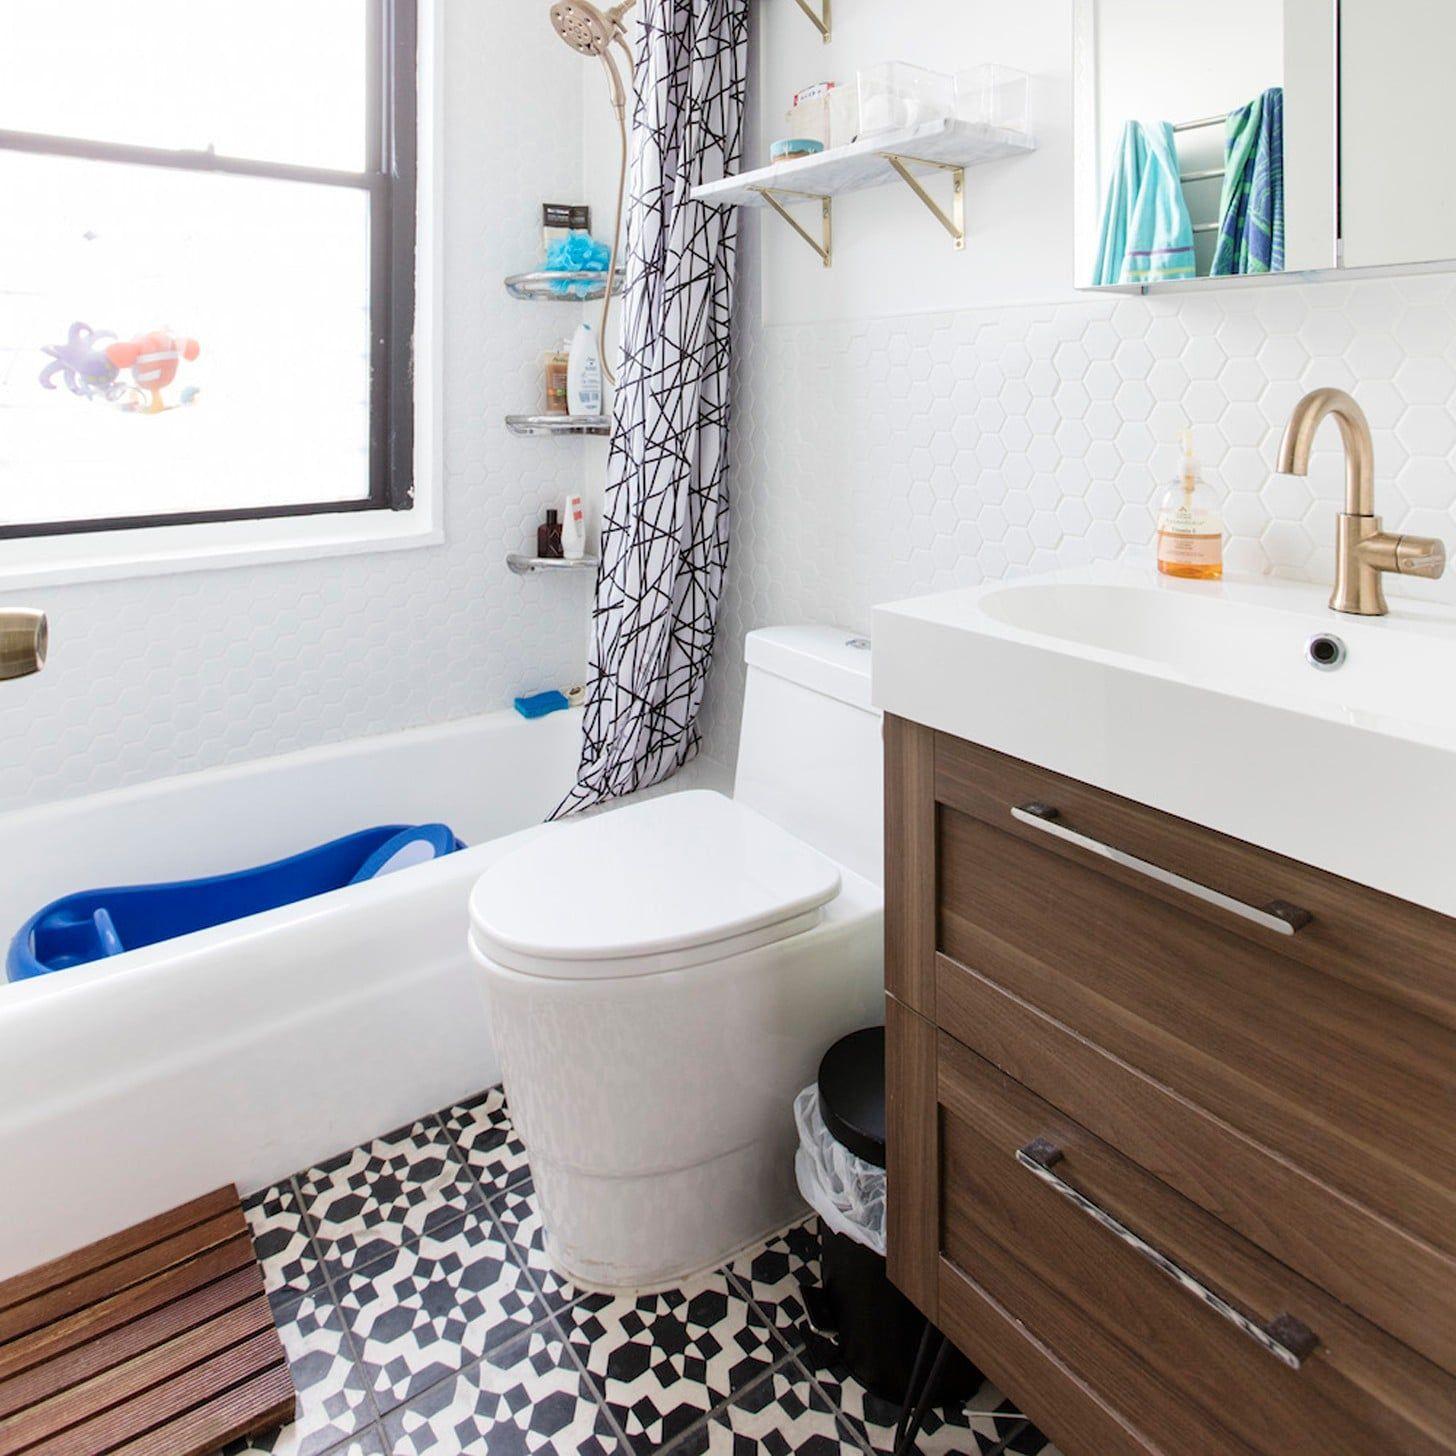 Ikea Bathroom Ideas Pictures In 2020 Ikea Bathroom Bathroom Design Bathroom Design Software